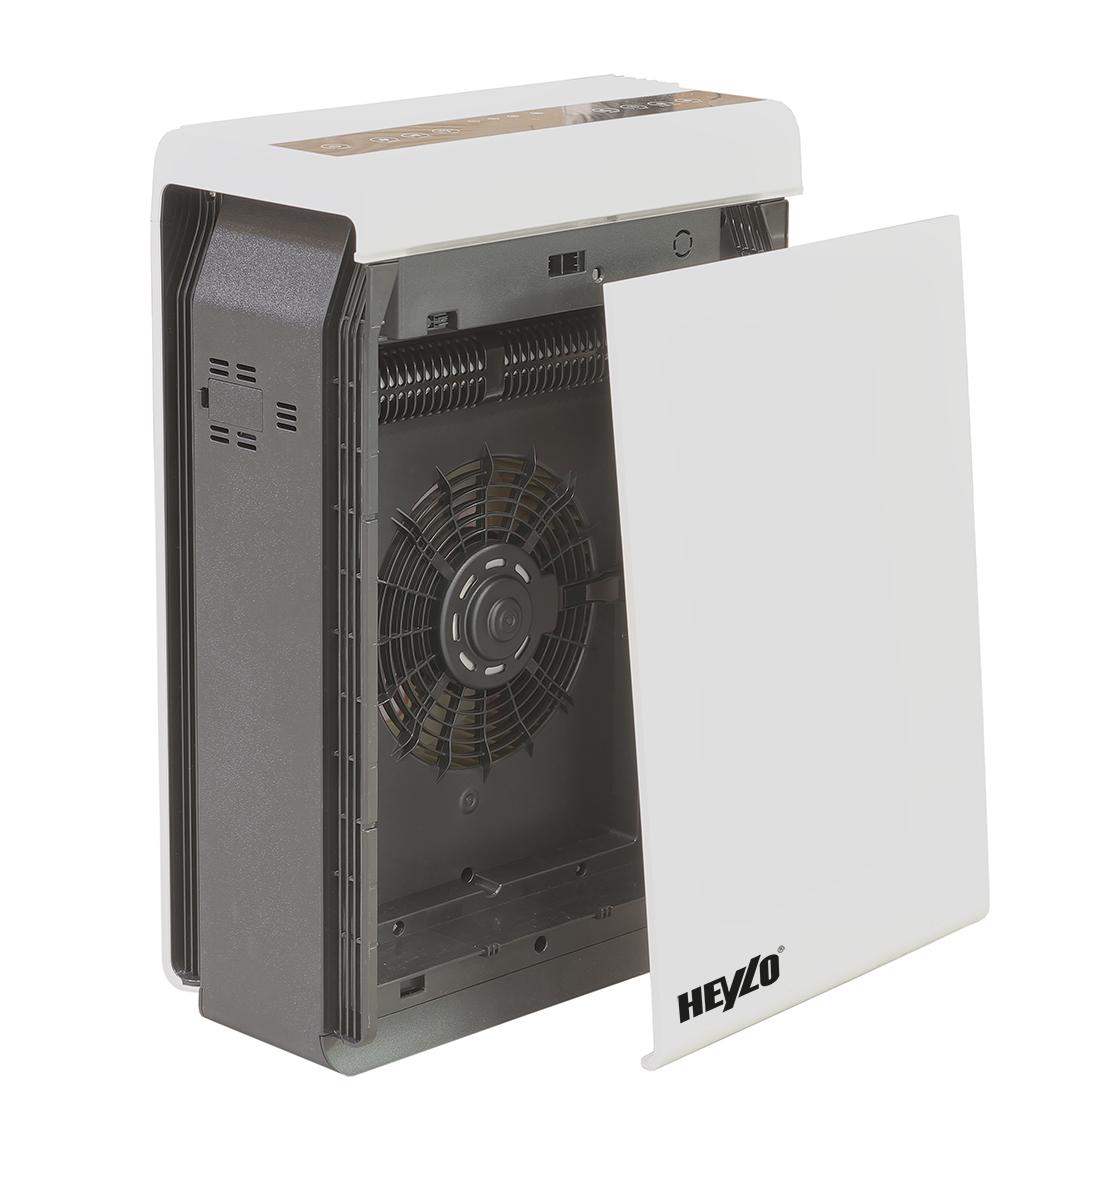 HEYLO® Design-Luftreiniger m. Virenschutz-Paket HL 400 V